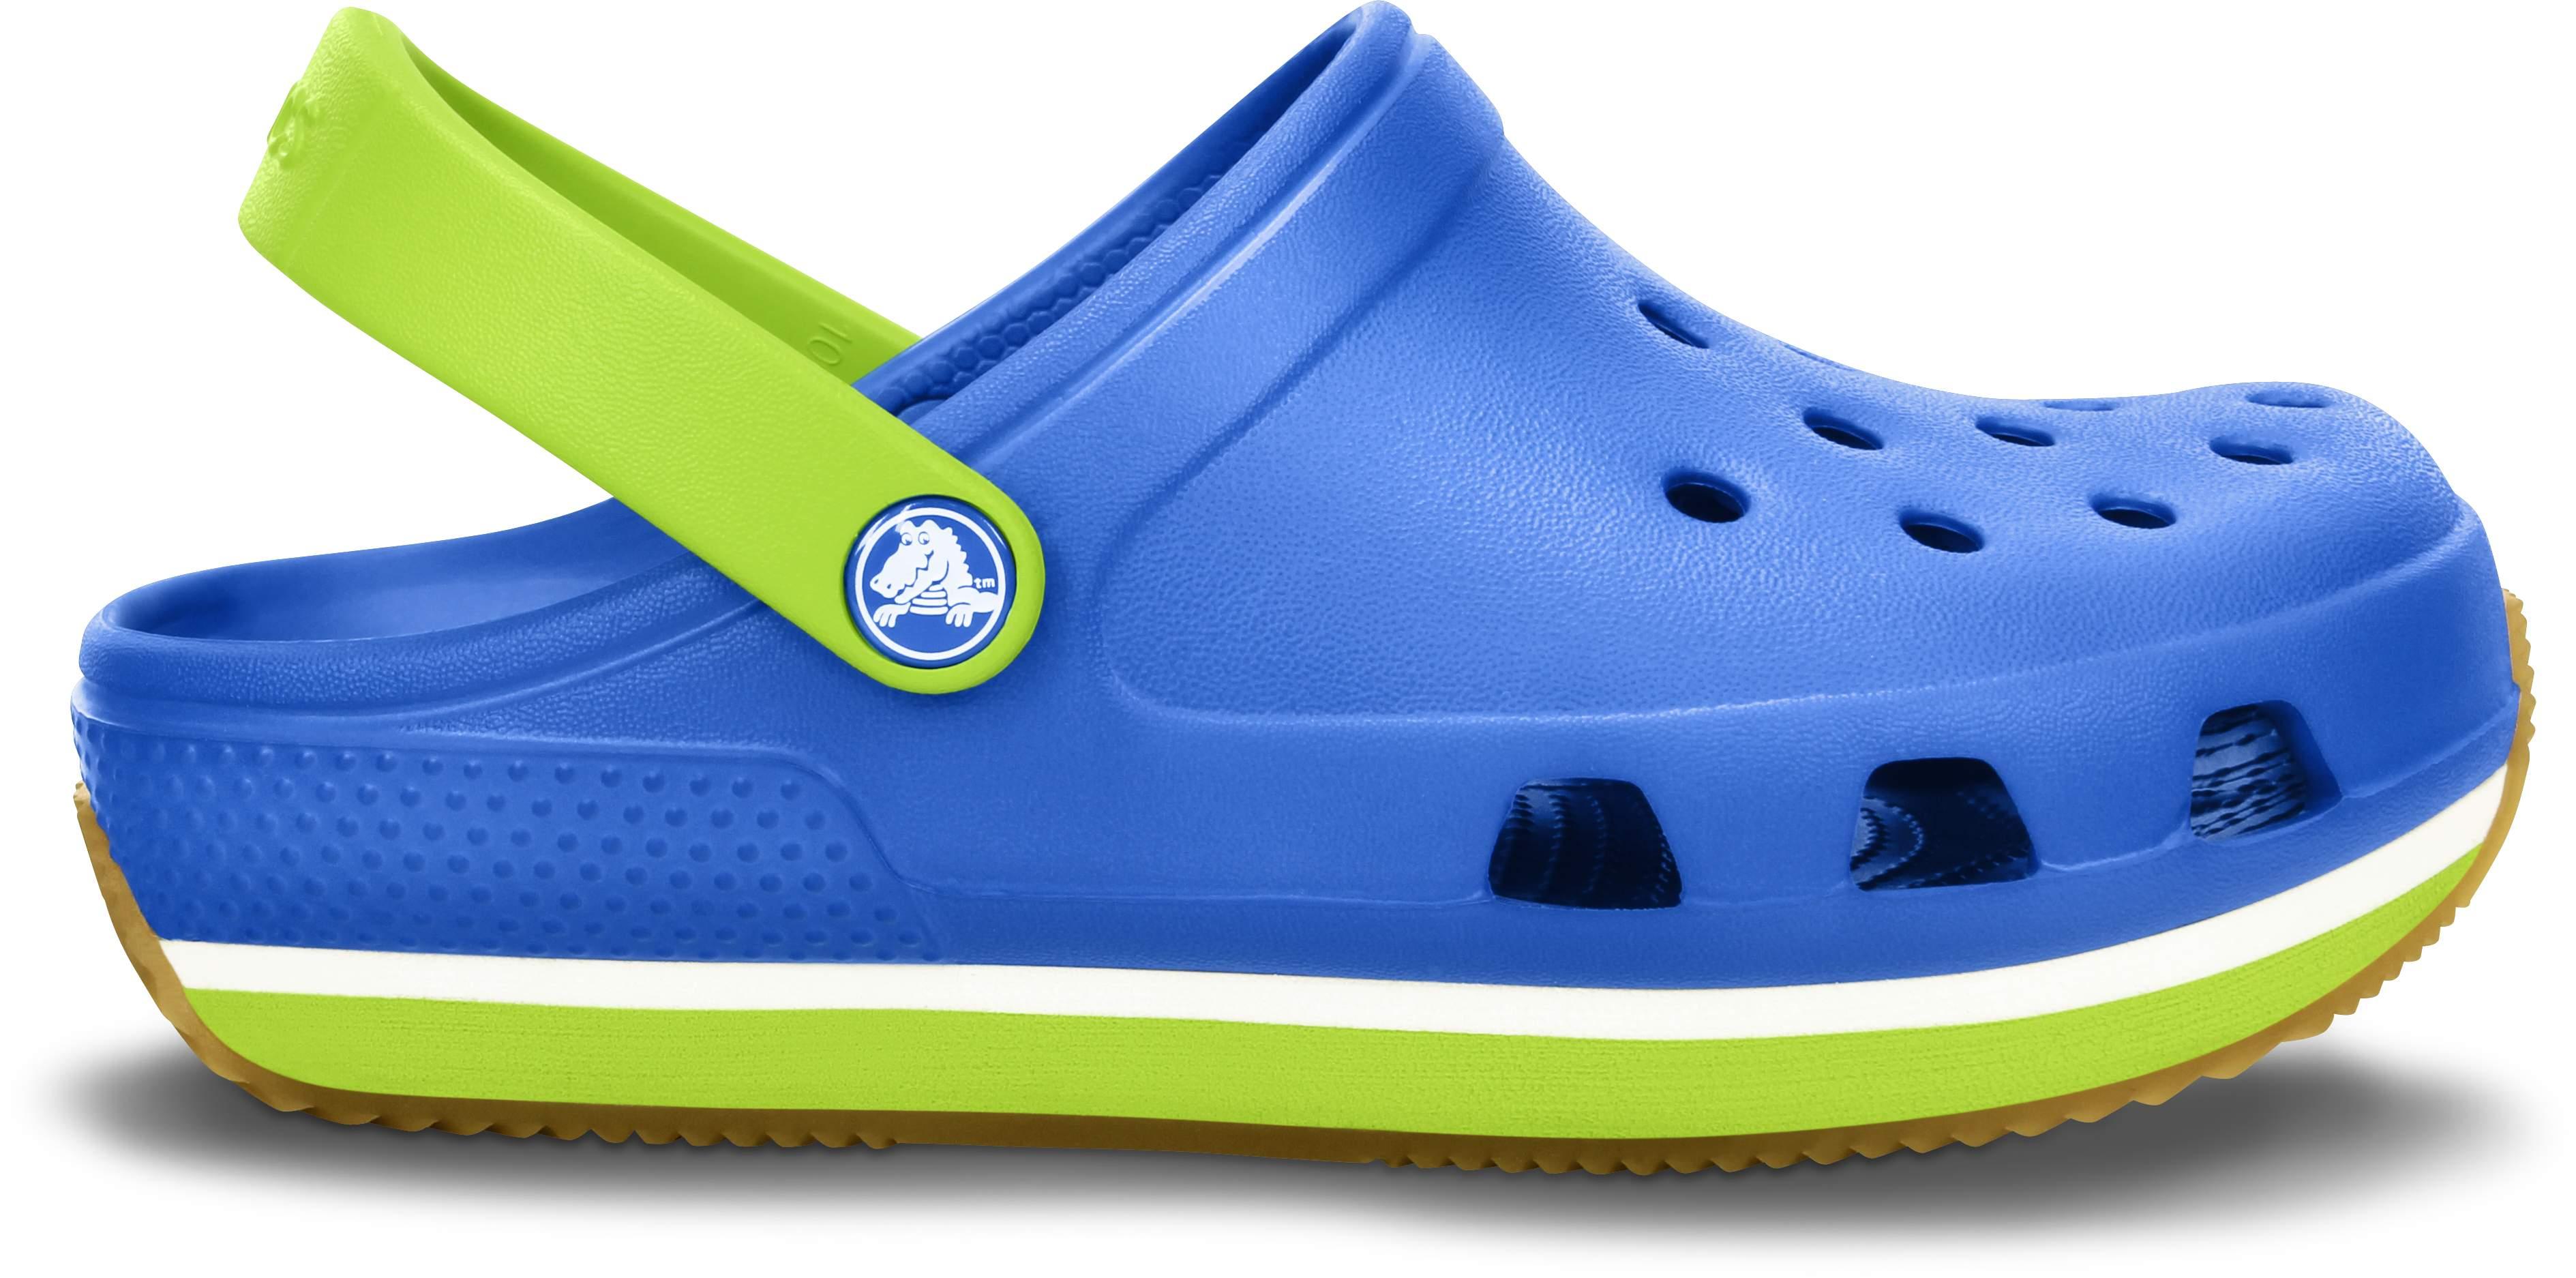 Kids'<br /> Crocs Retro Clog